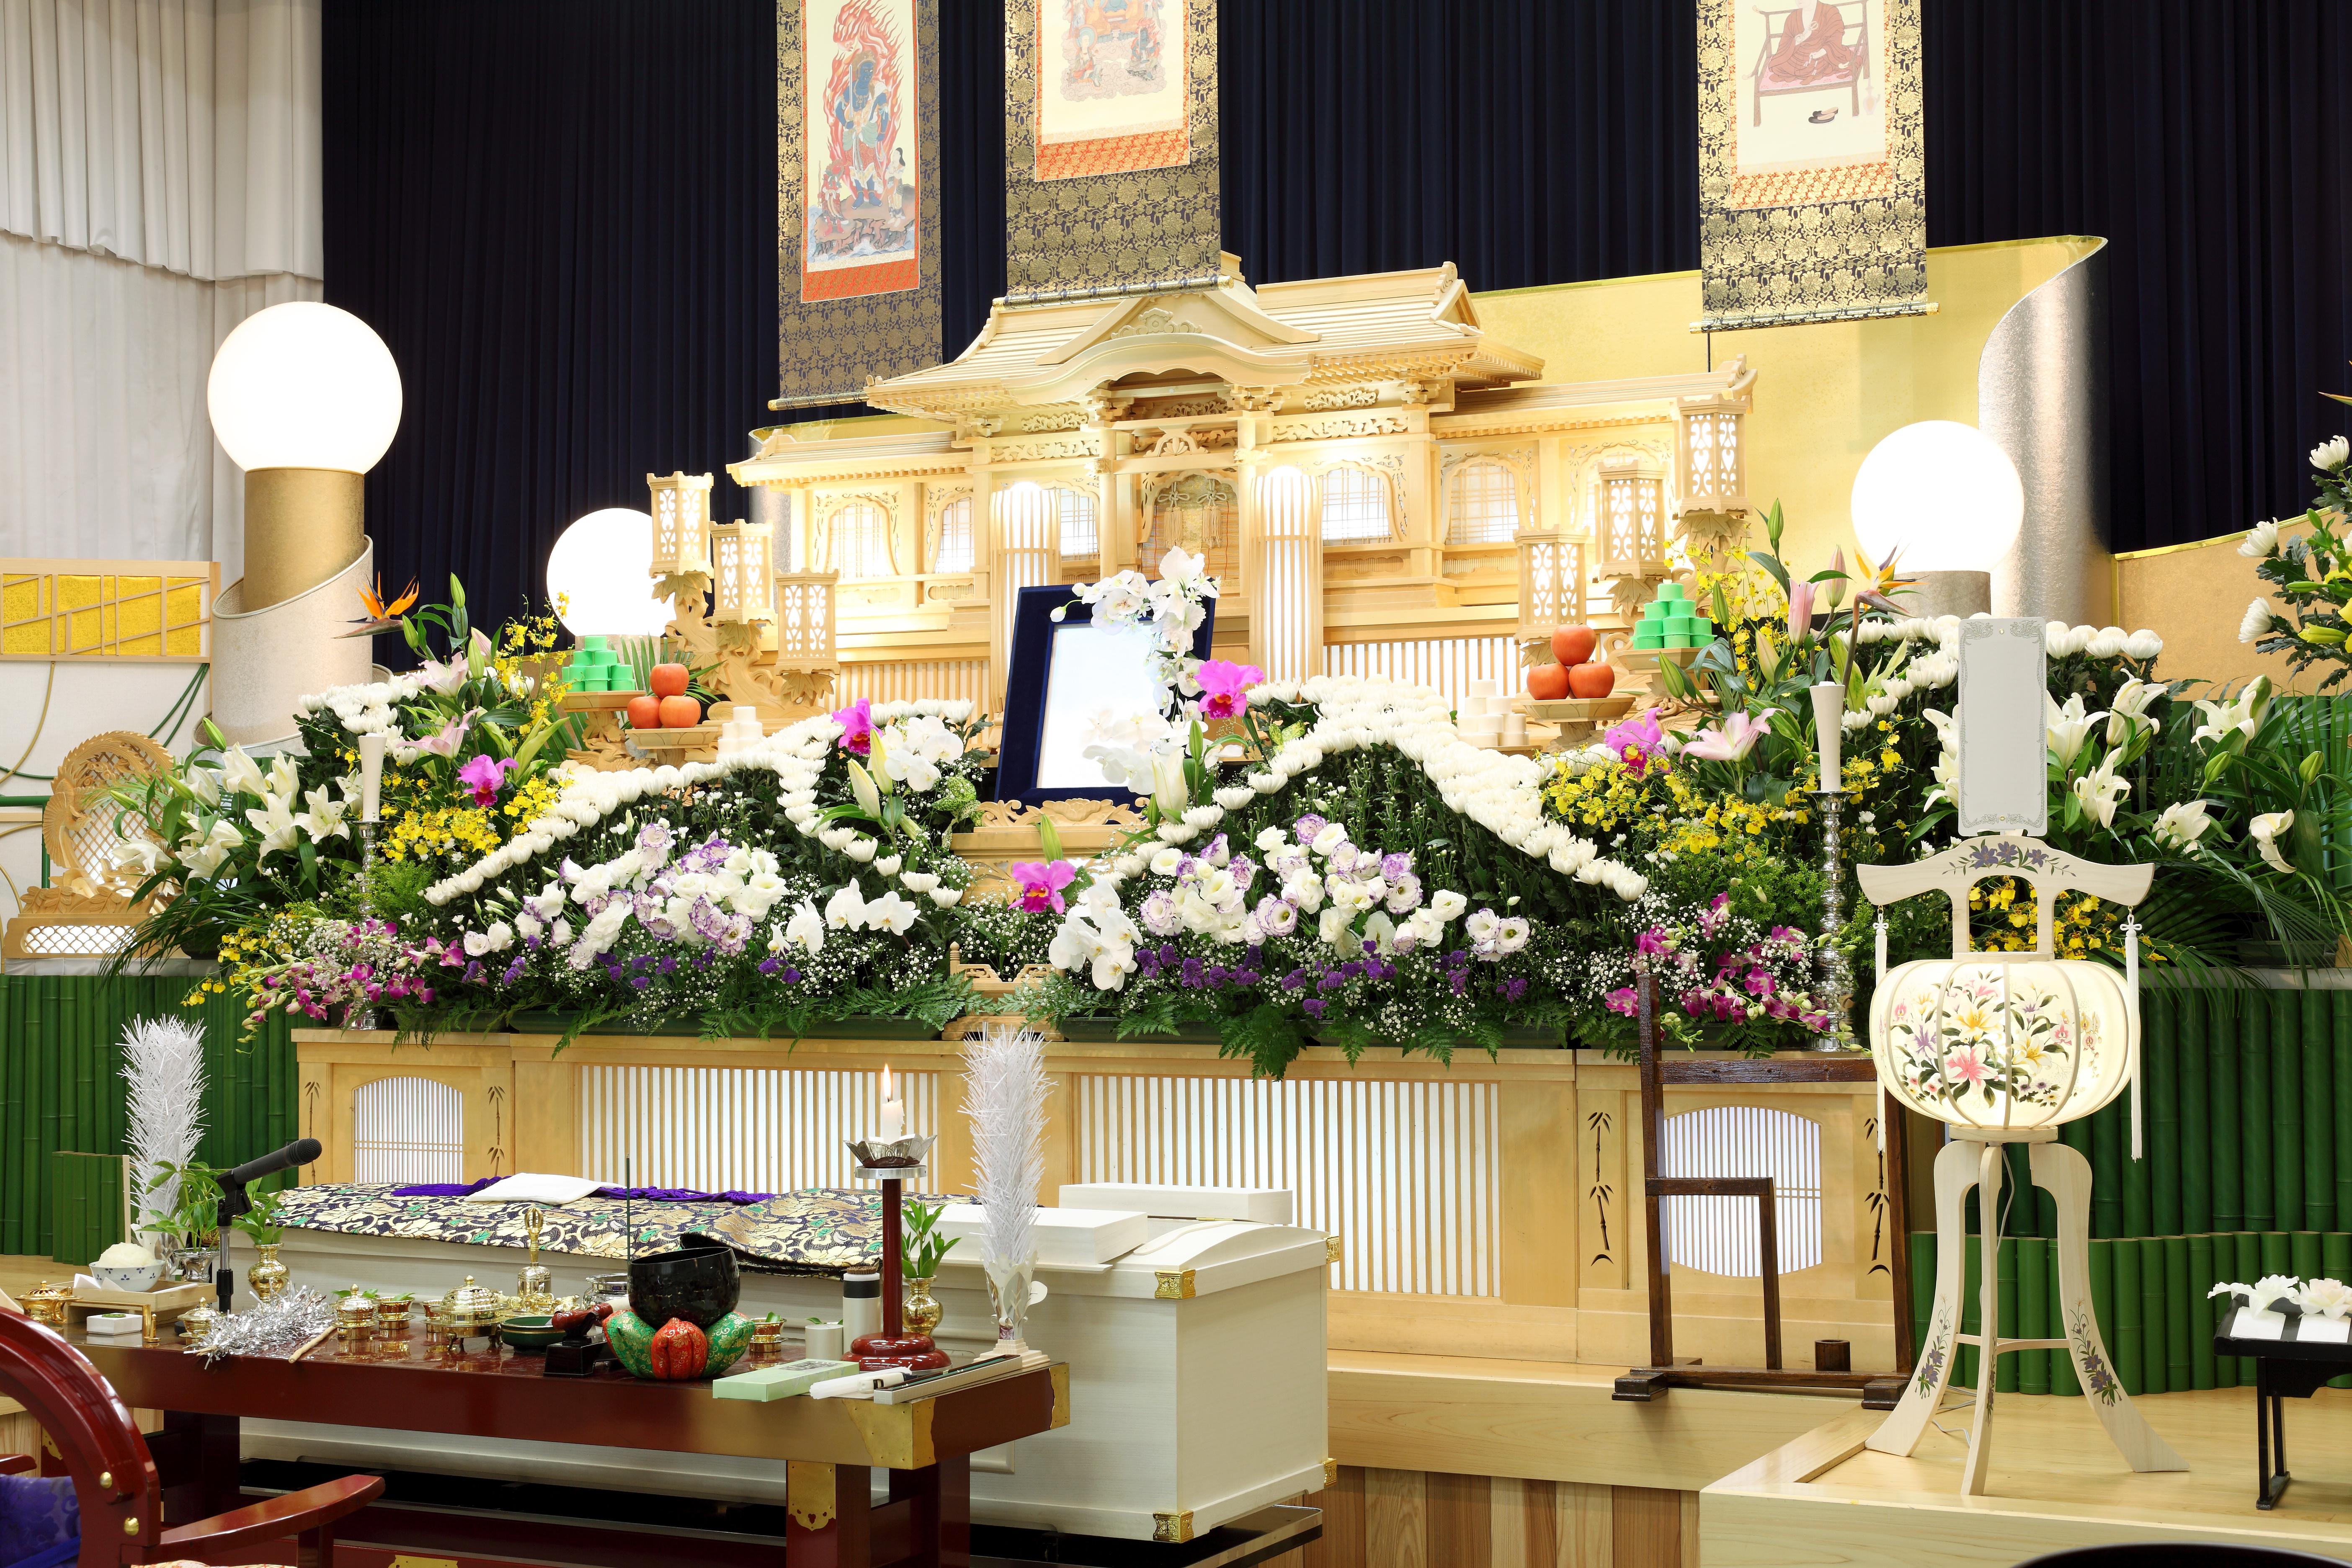 岡山県の葬儀・お葬式の基本情報【事情・しきたり】のサムネイル画像